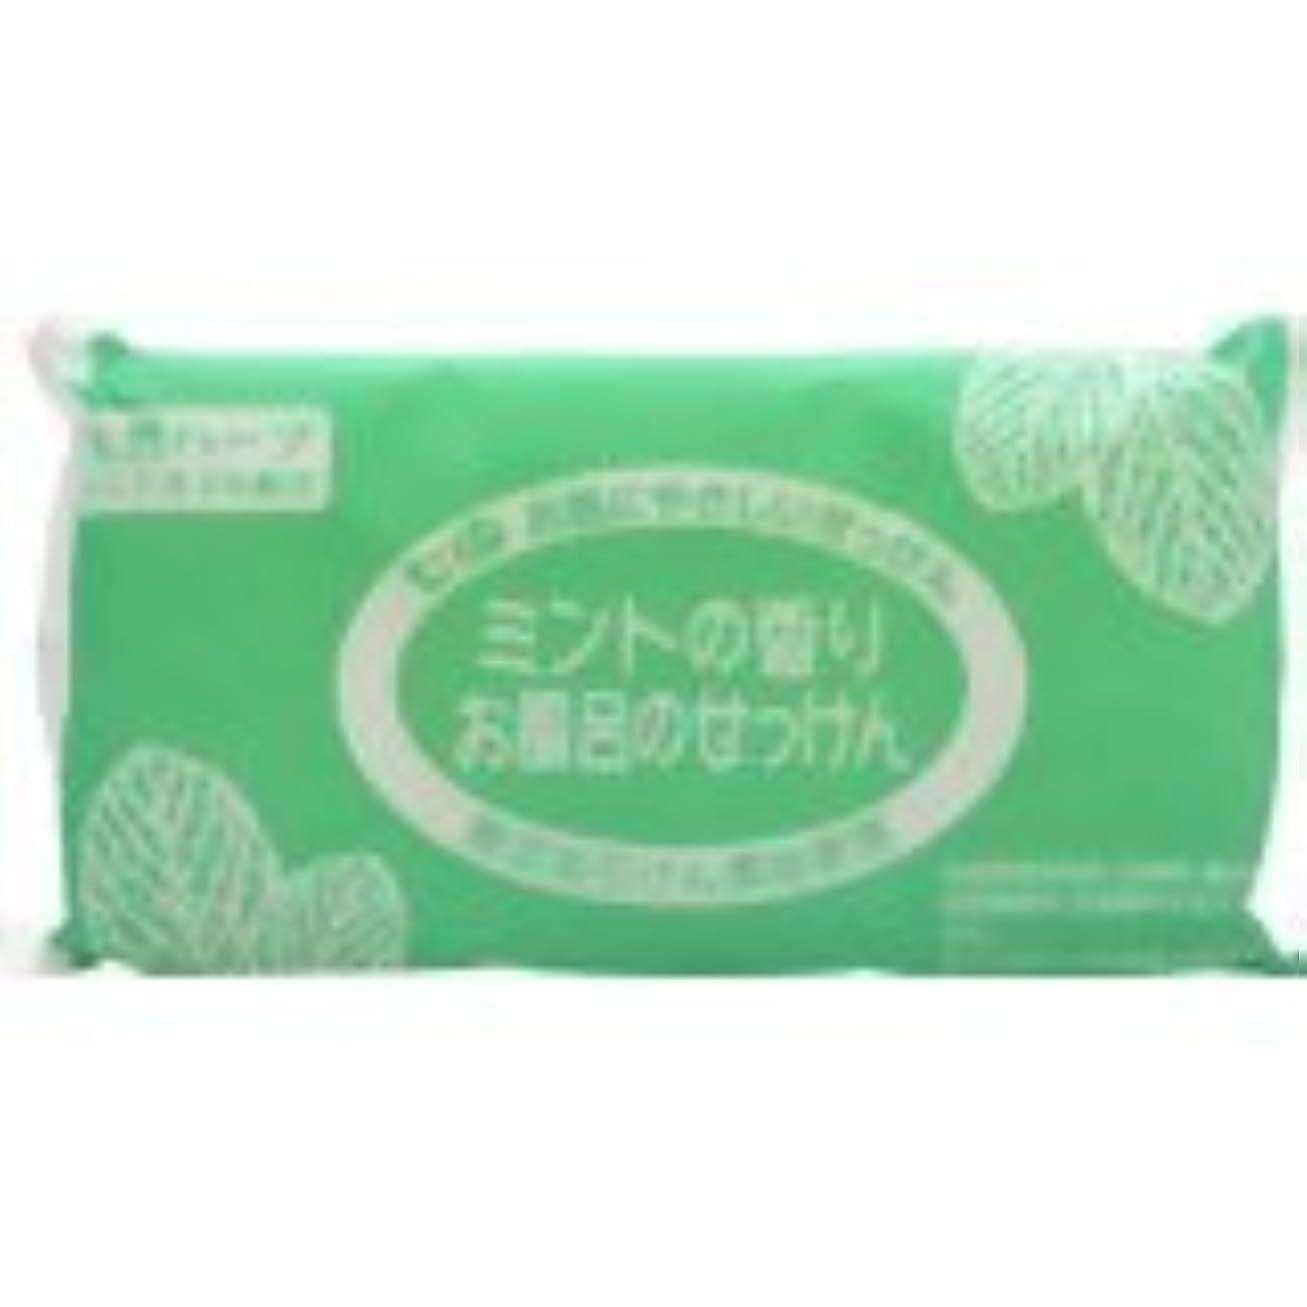 十代圧縮する動かすお風呂のせっけん ミントの香り100g×3コ入